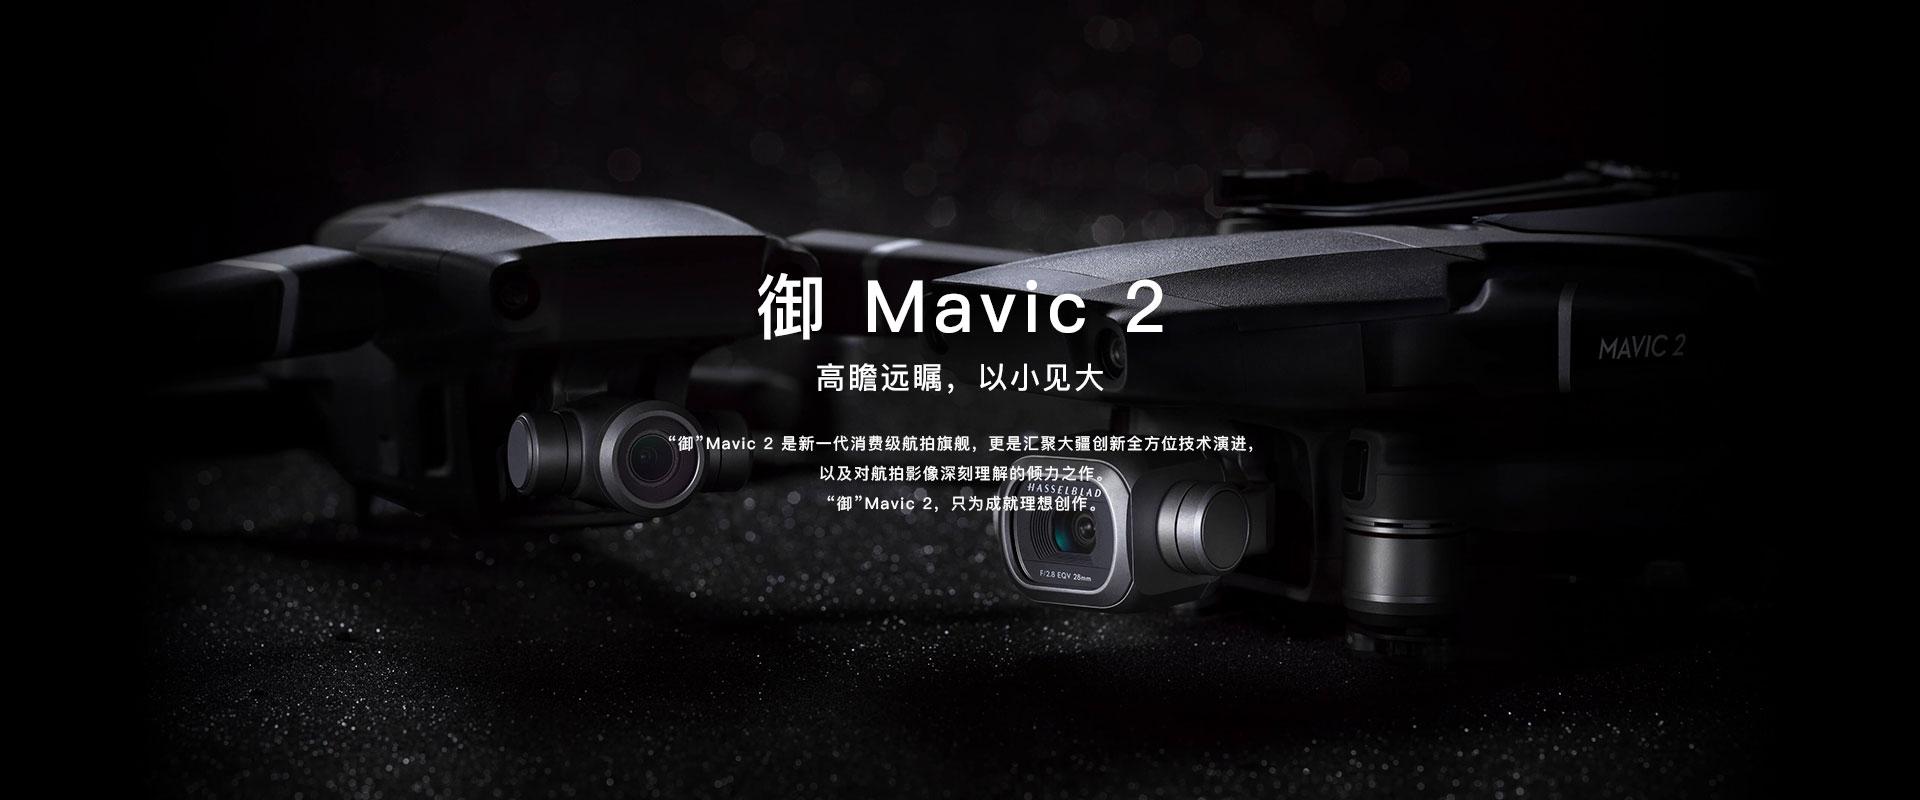 御Mavic2无人机图片